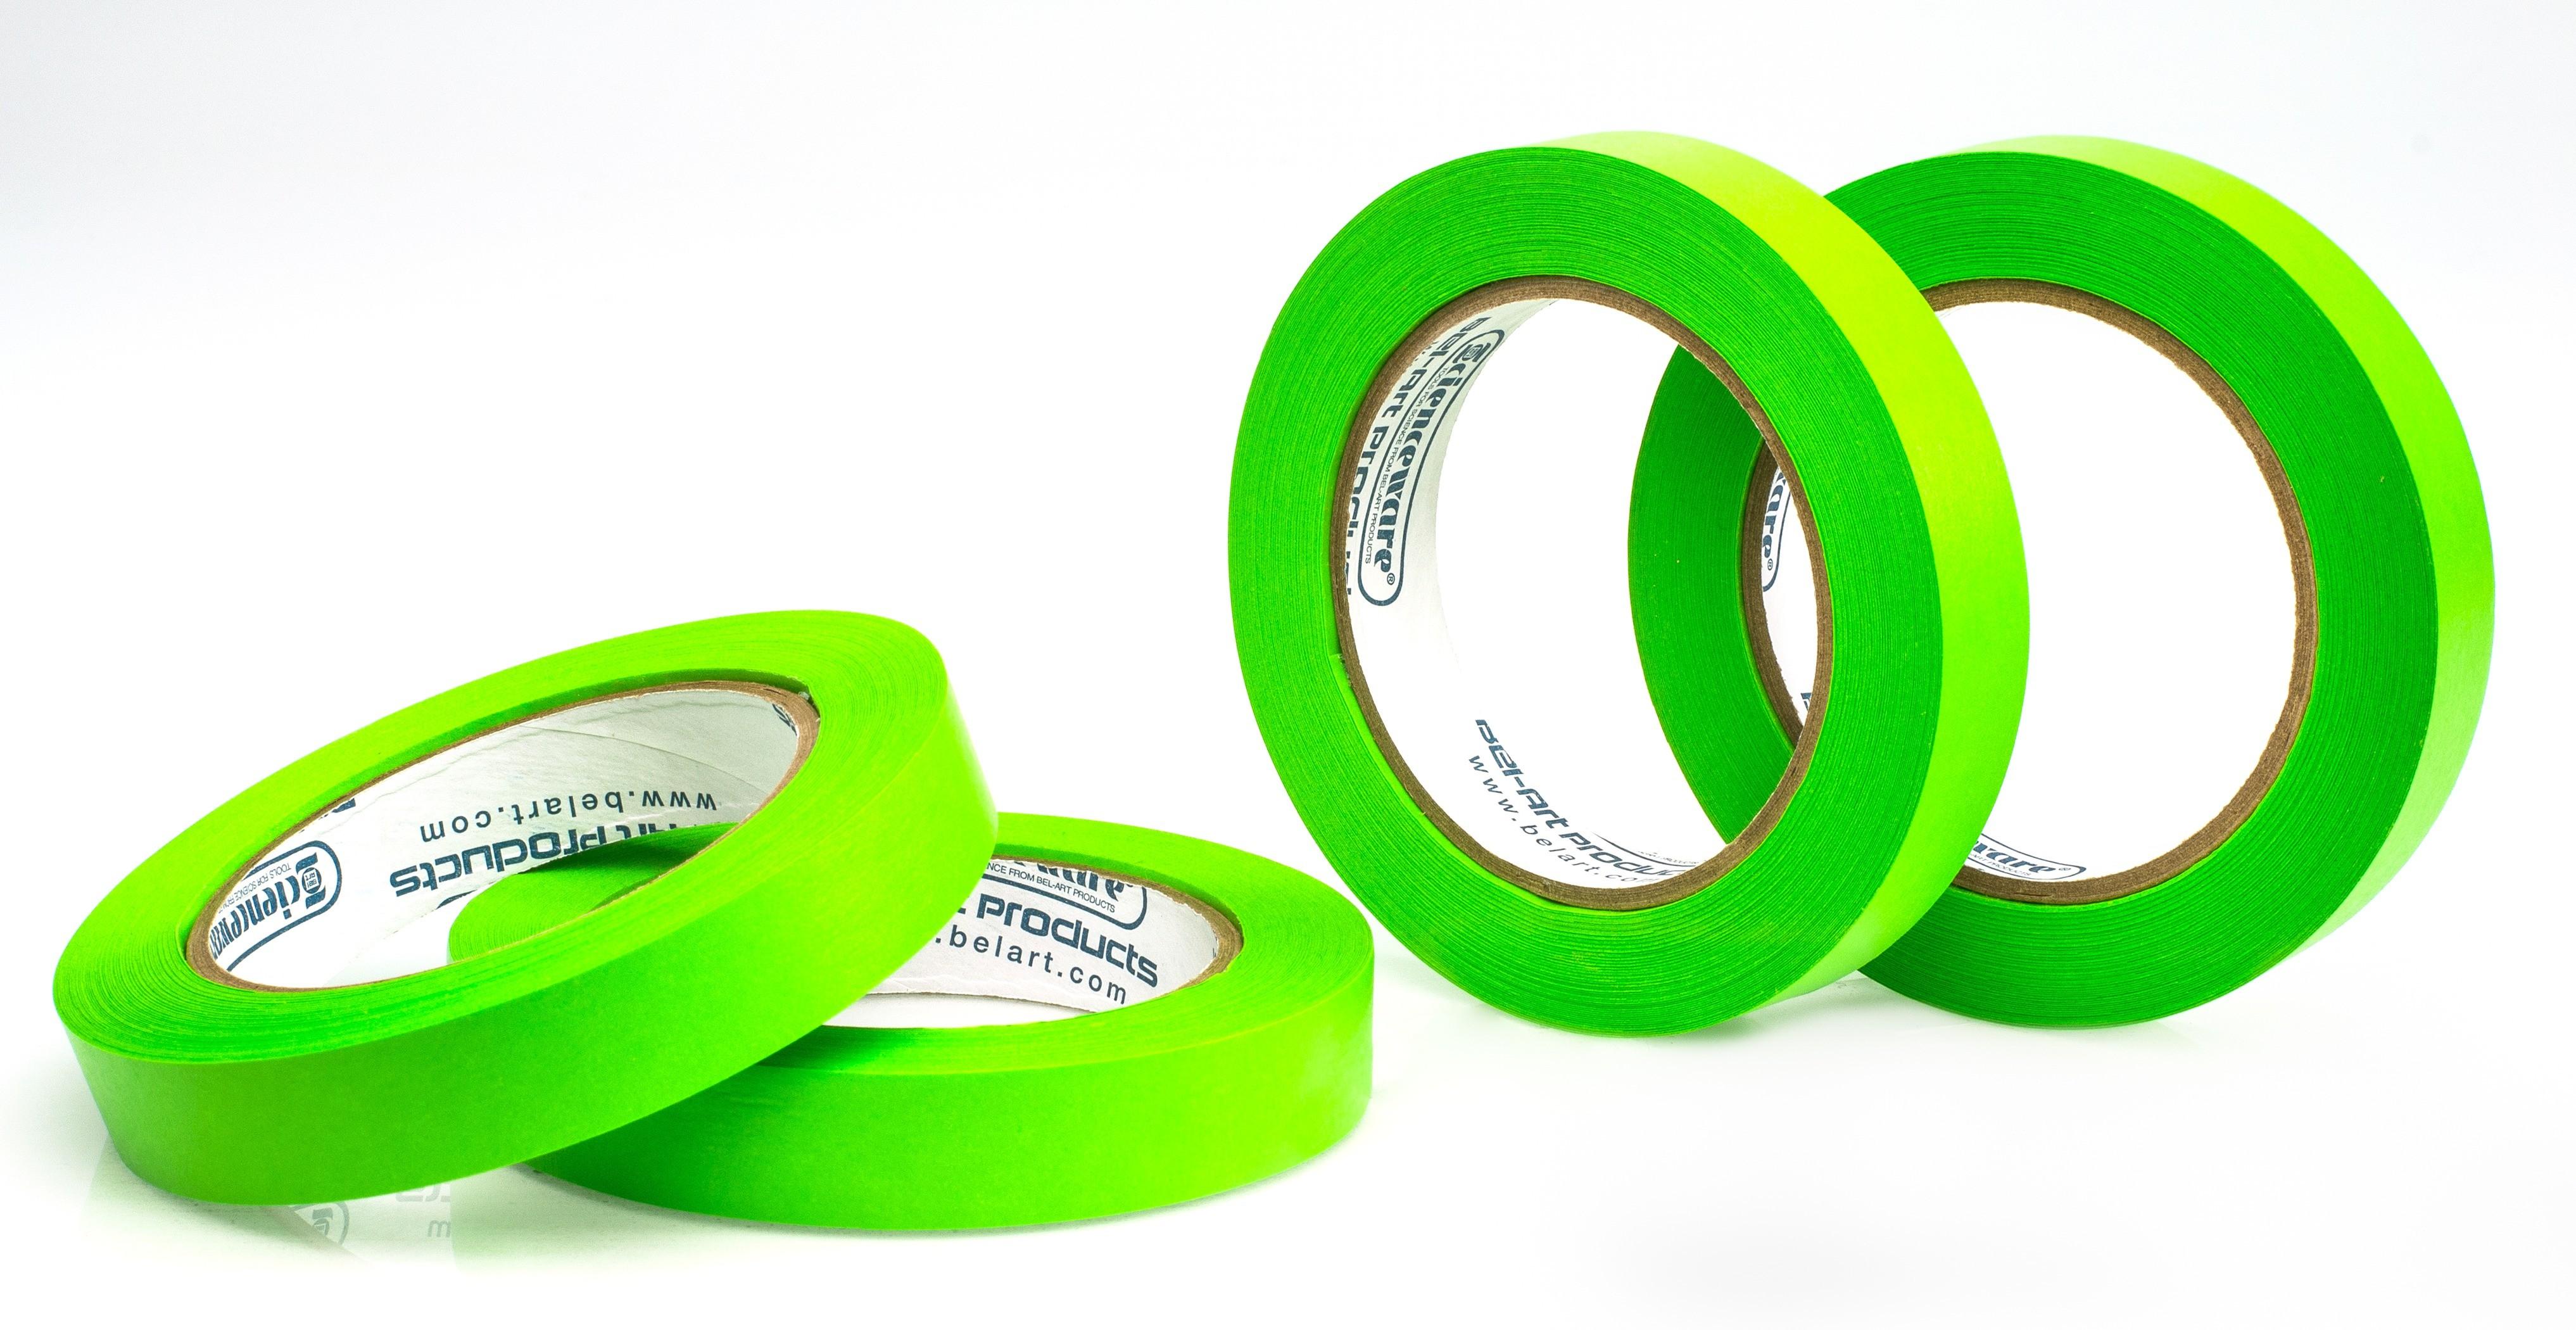 SP Bel-Art Write-On Green Label Tape; 40yd Length, ³/₄ in. Width, 3 in. Core (Pack of 4)